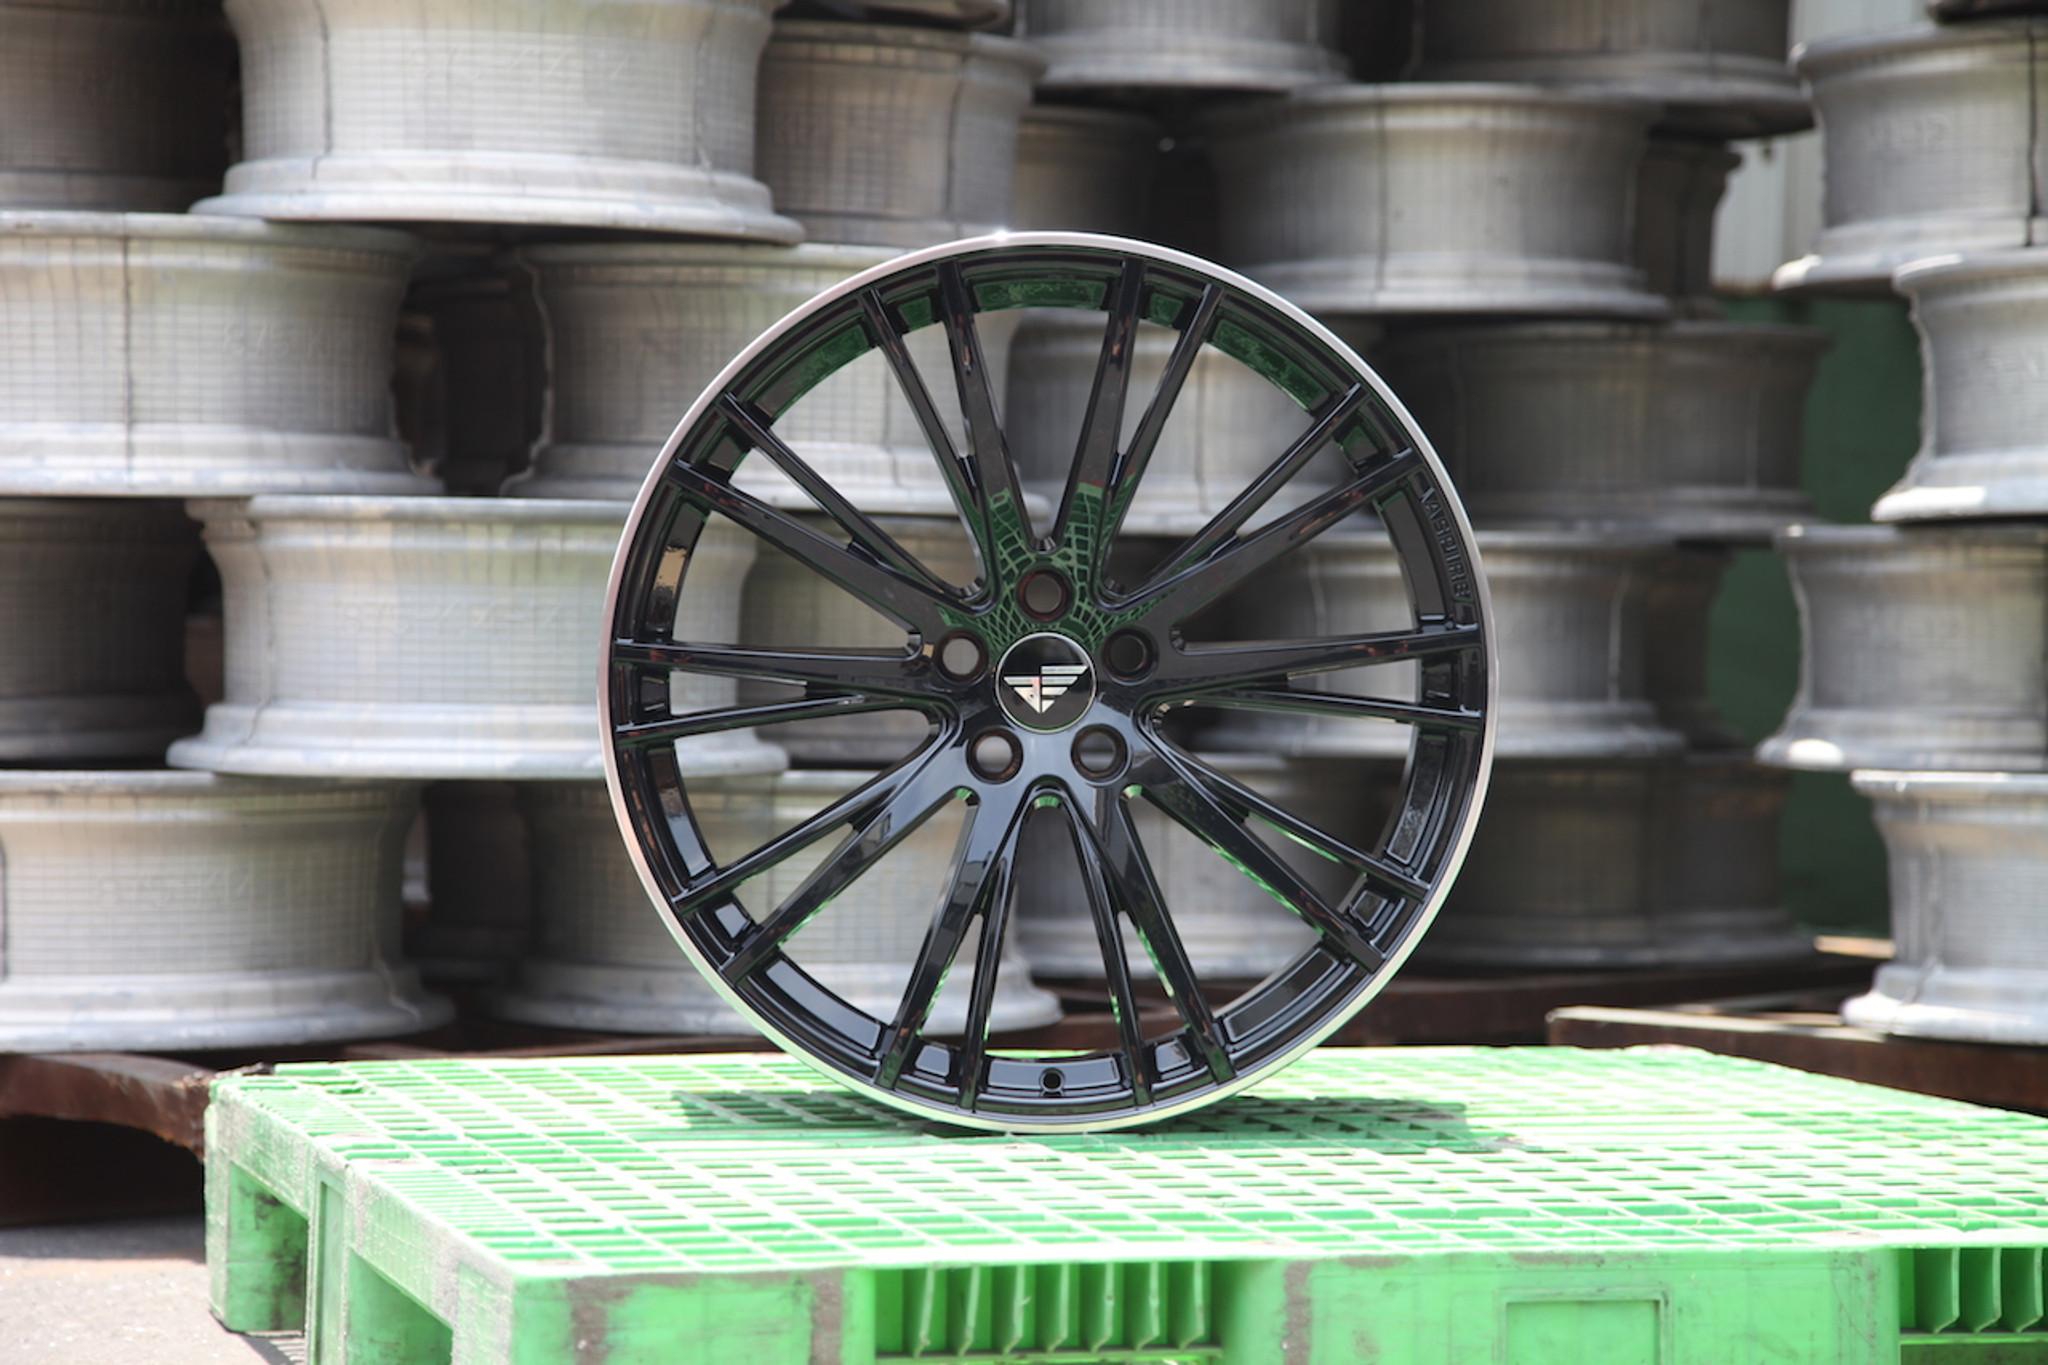 22 Quot Alloy Wheels Aspire Design Rolls Royce Meduza Design Ltd